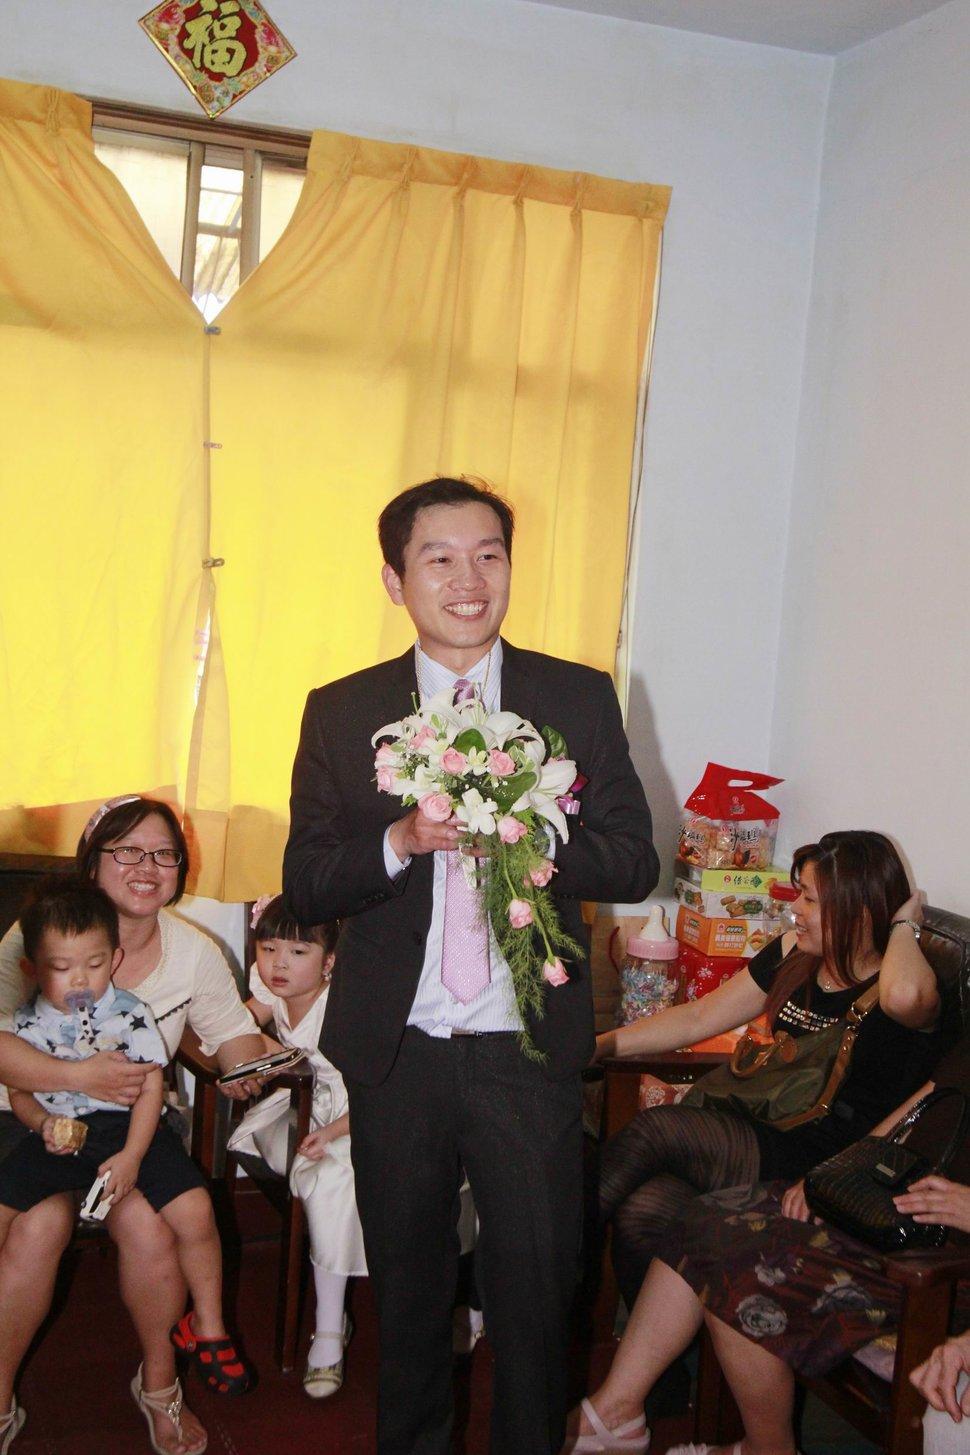 永和易牙居婚宴廣場宴會廳婚婚禮記錄結婚迎娶婚禮記錄動態微電影錄影專業錄影平面攝影婚攝婚禮(編號:212990) - 蜜月拍照10800錄影12800攝影團隊 - 結婚吧